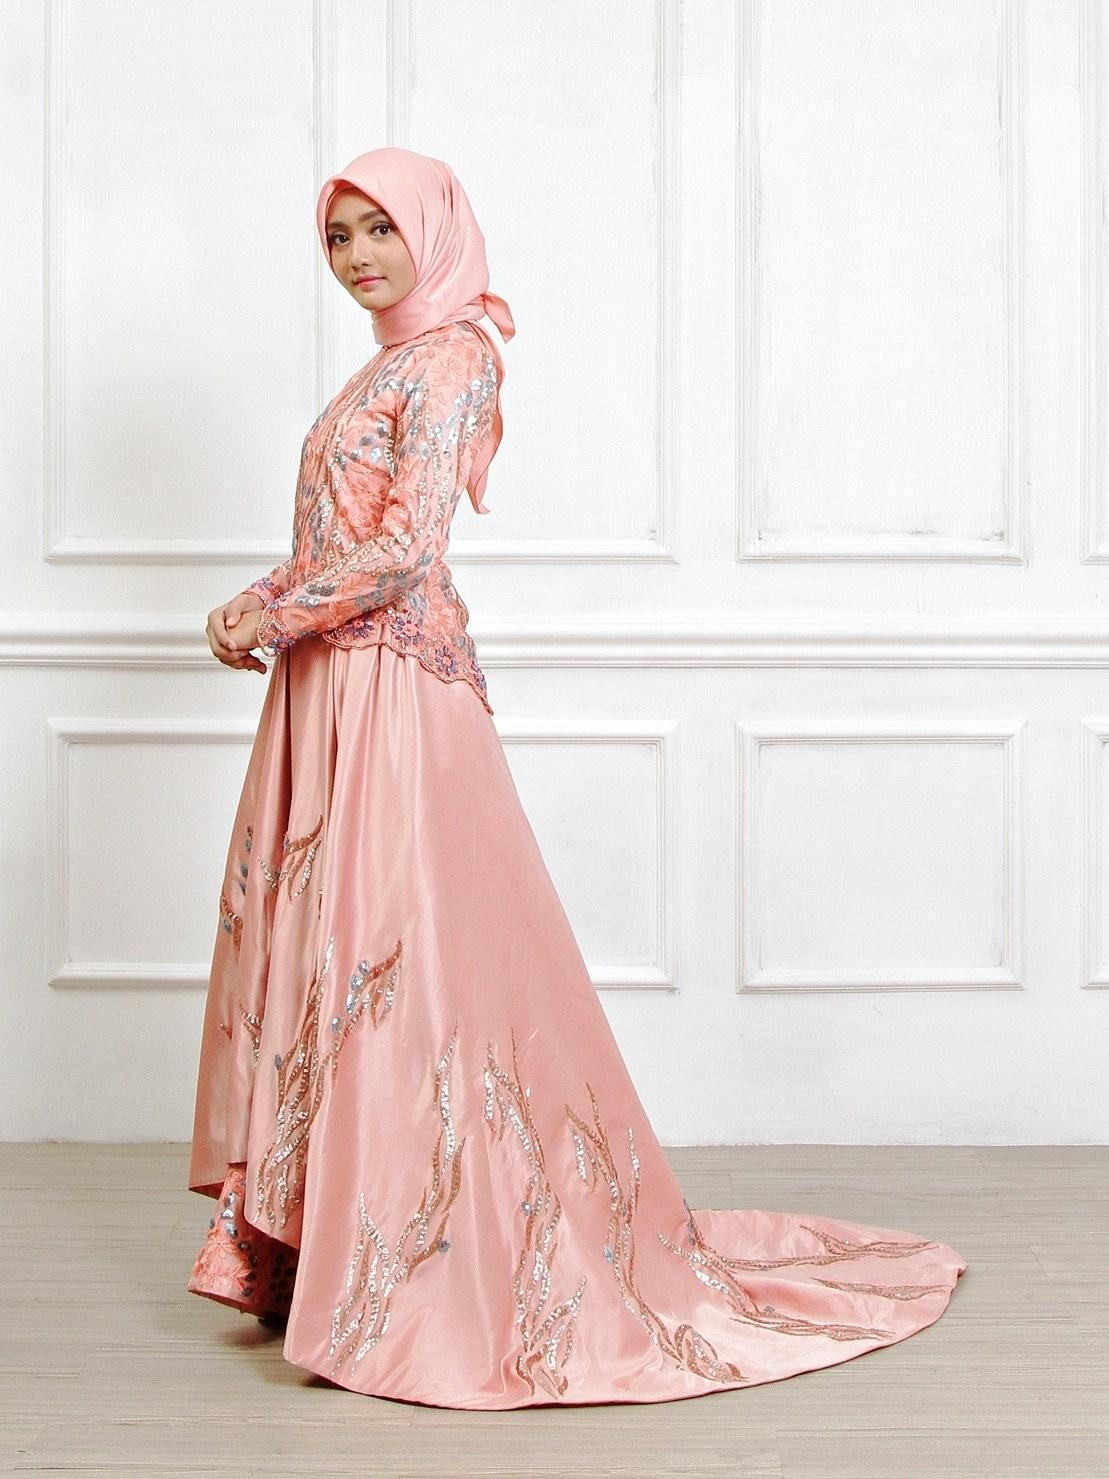 Bentuk Sewa Baju Pengantin Muslimah Drdp Sewa Perdana Baju Pengantin Muslimah Jogja Gaun Pengantin